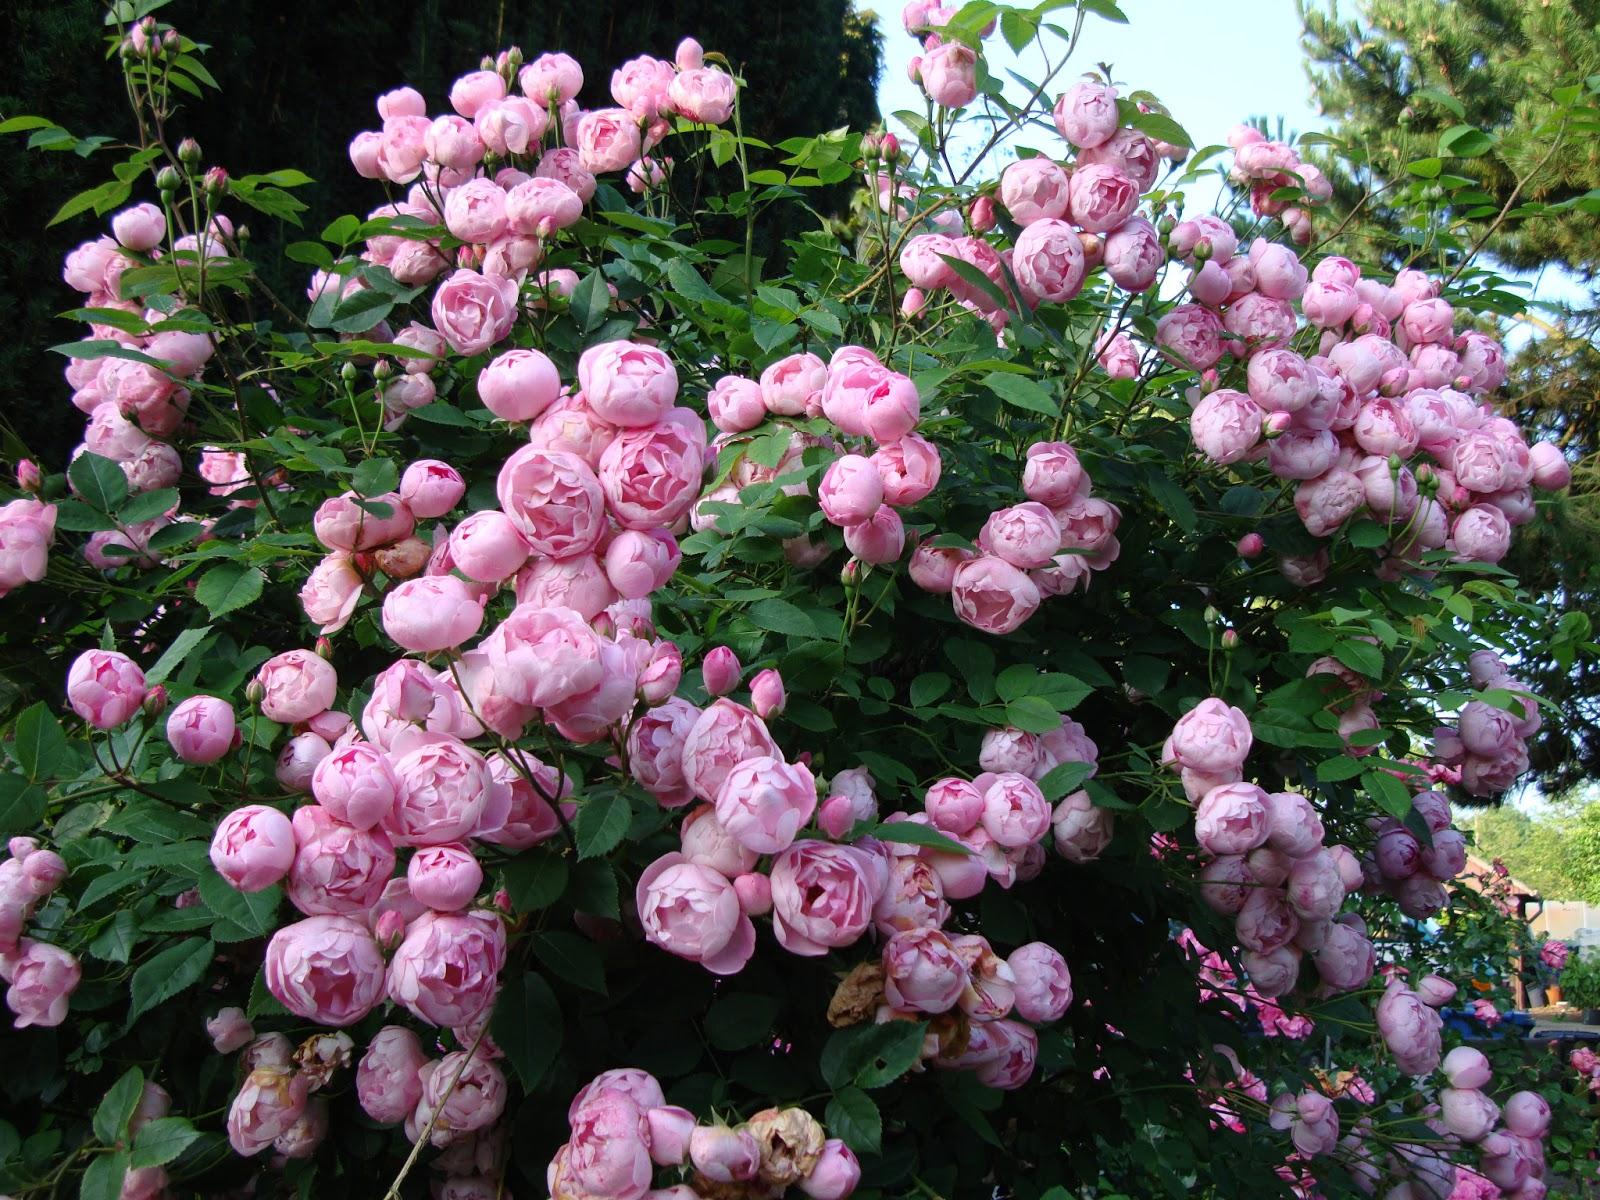 Rosen Samen Kaufen Biedermeier Rose Online Kaufen Rosen Tantau